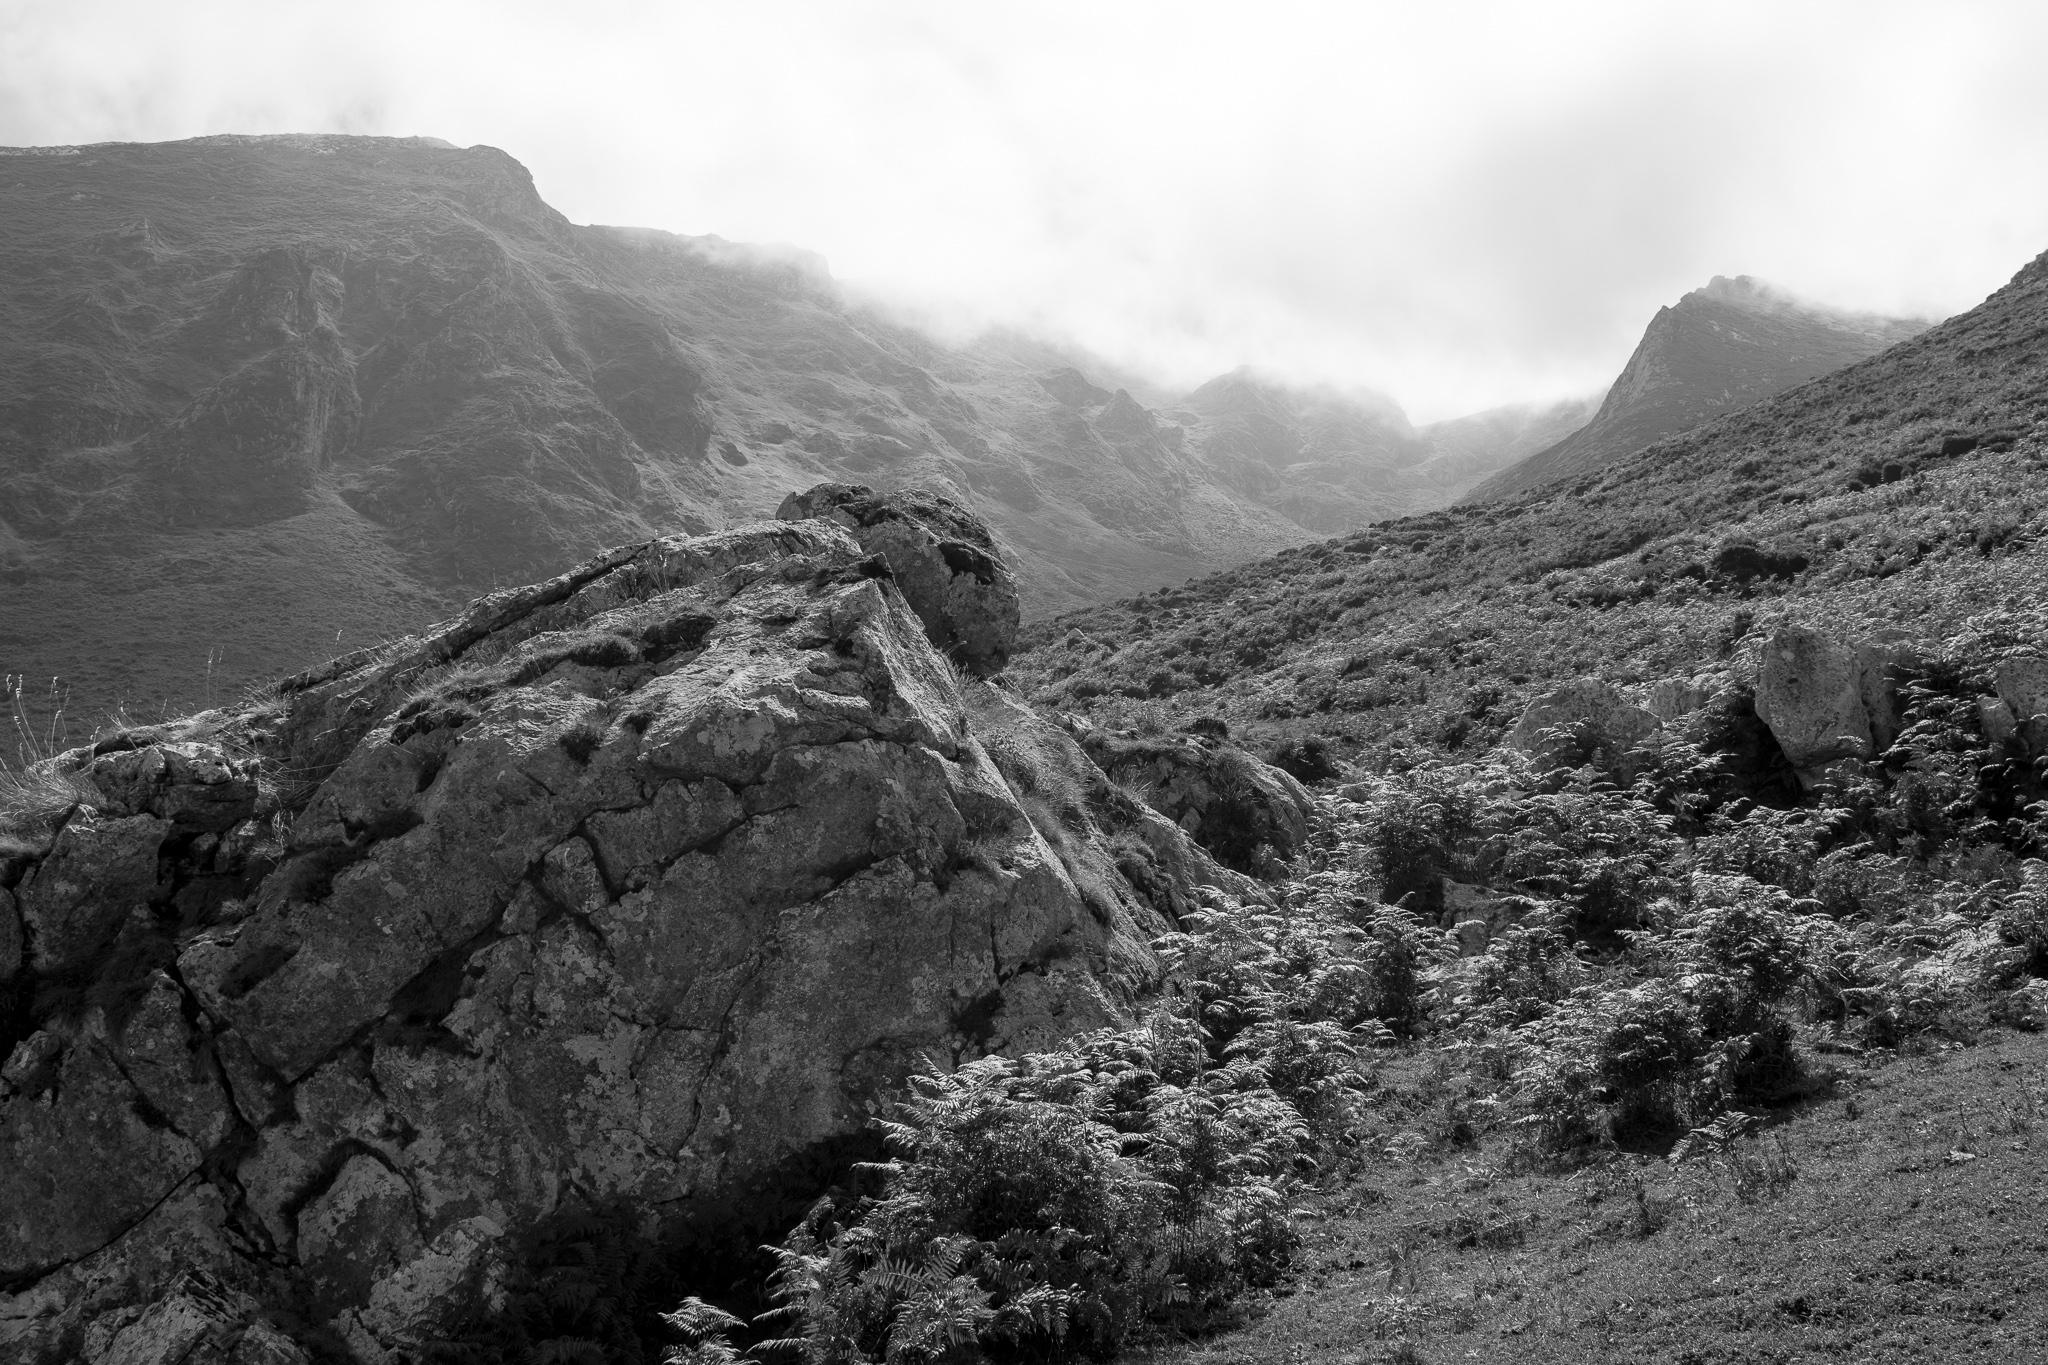 O pobo de montaña de Bejes, na fronteira entre Cantabria e Asturias, é un dos máis bonitos de Liébana. <br>A Serra de Bejes, nas ladeiras do Macizo de Ándara, sitúase no Parque Nacional de Picos de Europa que se estende por tres provincias e conta con máis de 67.000 hectáreas. Entre a súa fauna pódense atopar corzos, cervos, xabarís, raposos, osos e lobos.